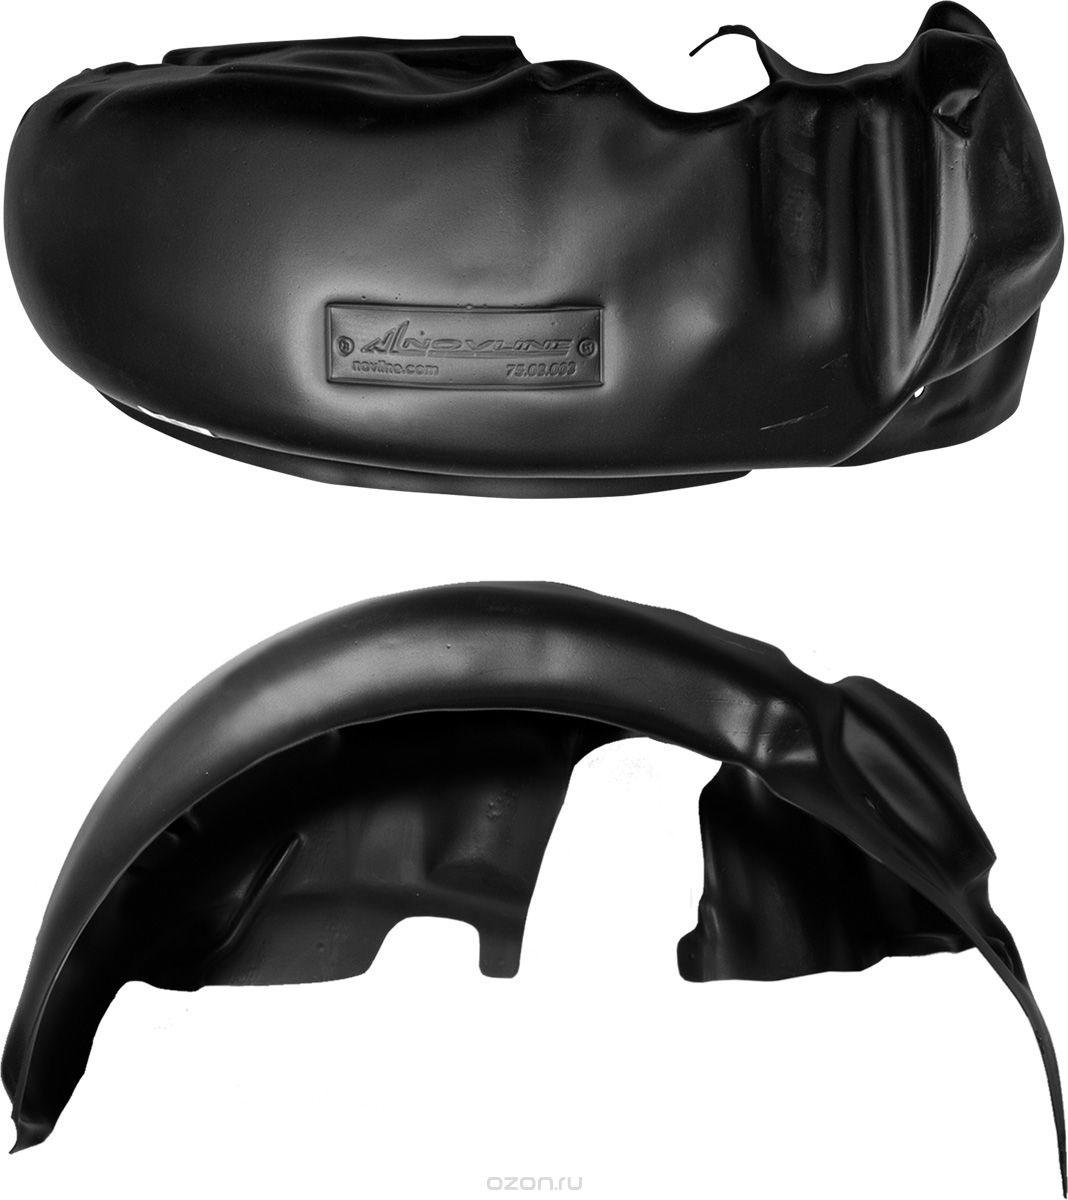 Подкрылок Novline-Autofamily, для Chery A13, 2010->, седан, задний левыйNLL.63.09.003Идеальная защита колесной ниши. Локеры разработаны с применением цифровых технологий, гарантируют максимальную повторяемость поверхности арки. Изделия устанавливаются без нарушения лакокрасочного покрытия автомобиля, каждый подкрылок комплектуется крепежом. Уважаемые клиенты, обращаем ваше внимание, что фотографии на подкрылки универсальные и не отражают реальную форму изделия. При этом само изделие идет точно под размер указанного автомобиля.